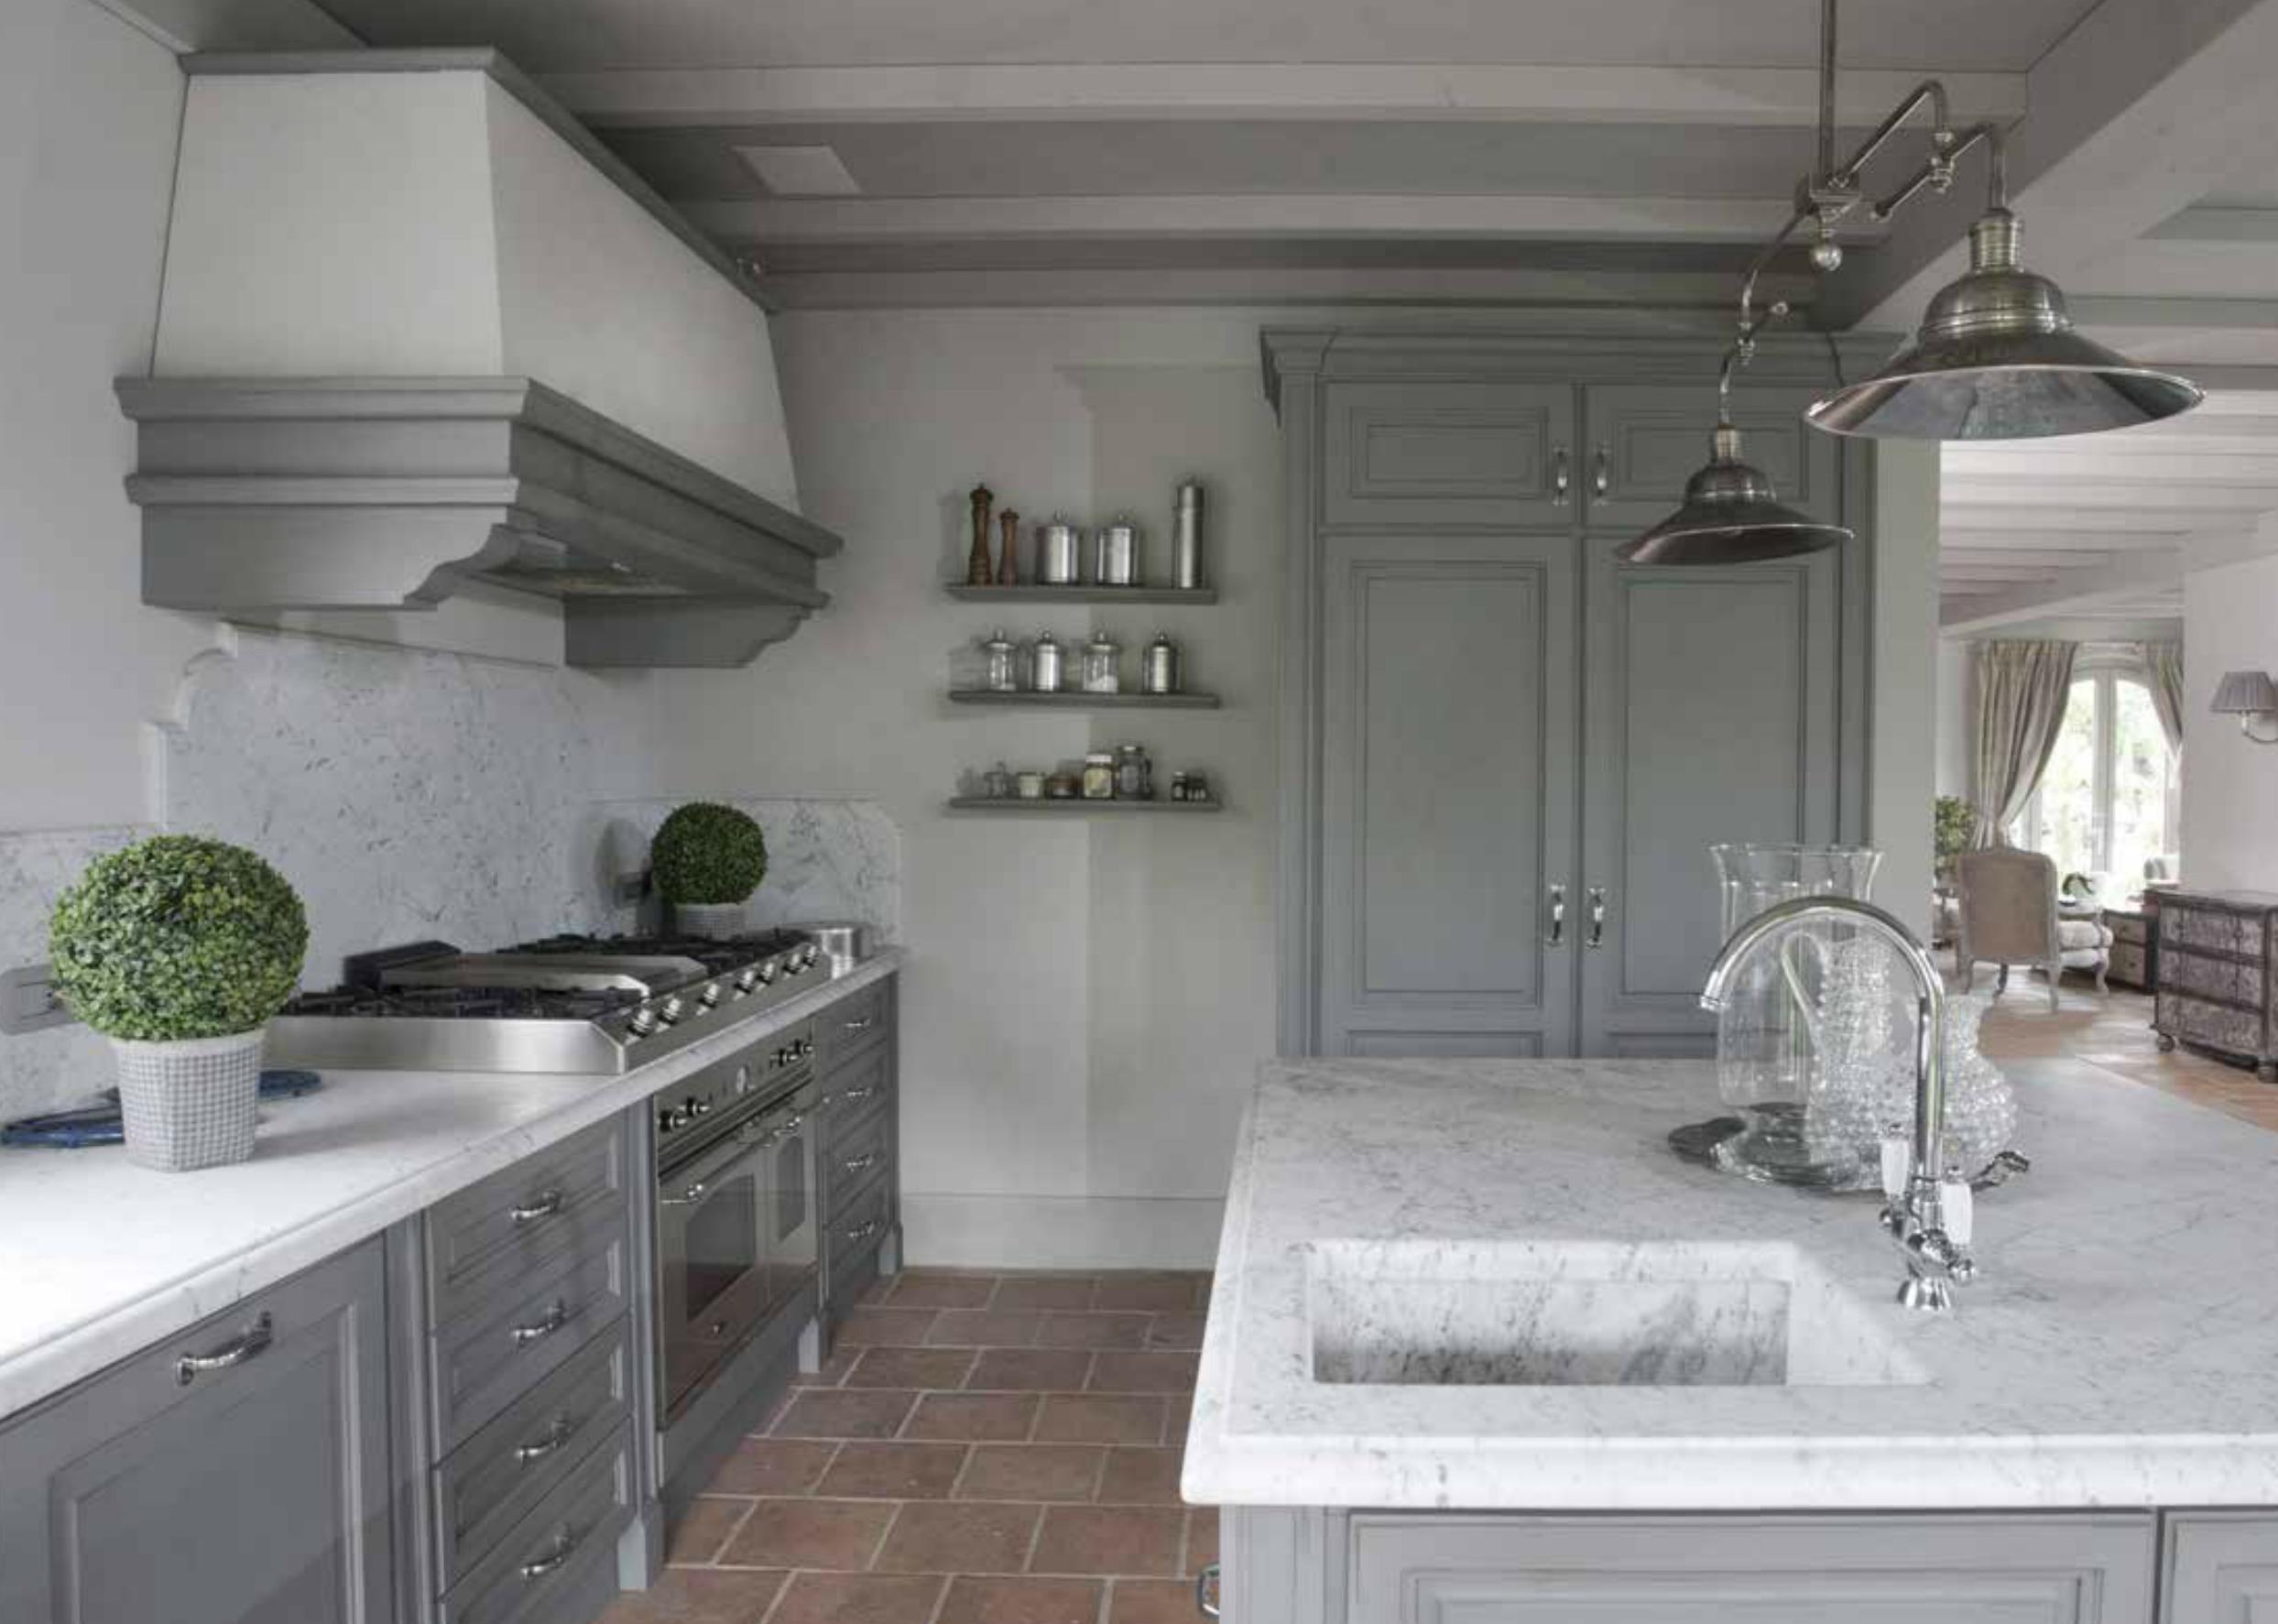 La cucina della villa: due diverse possibilità